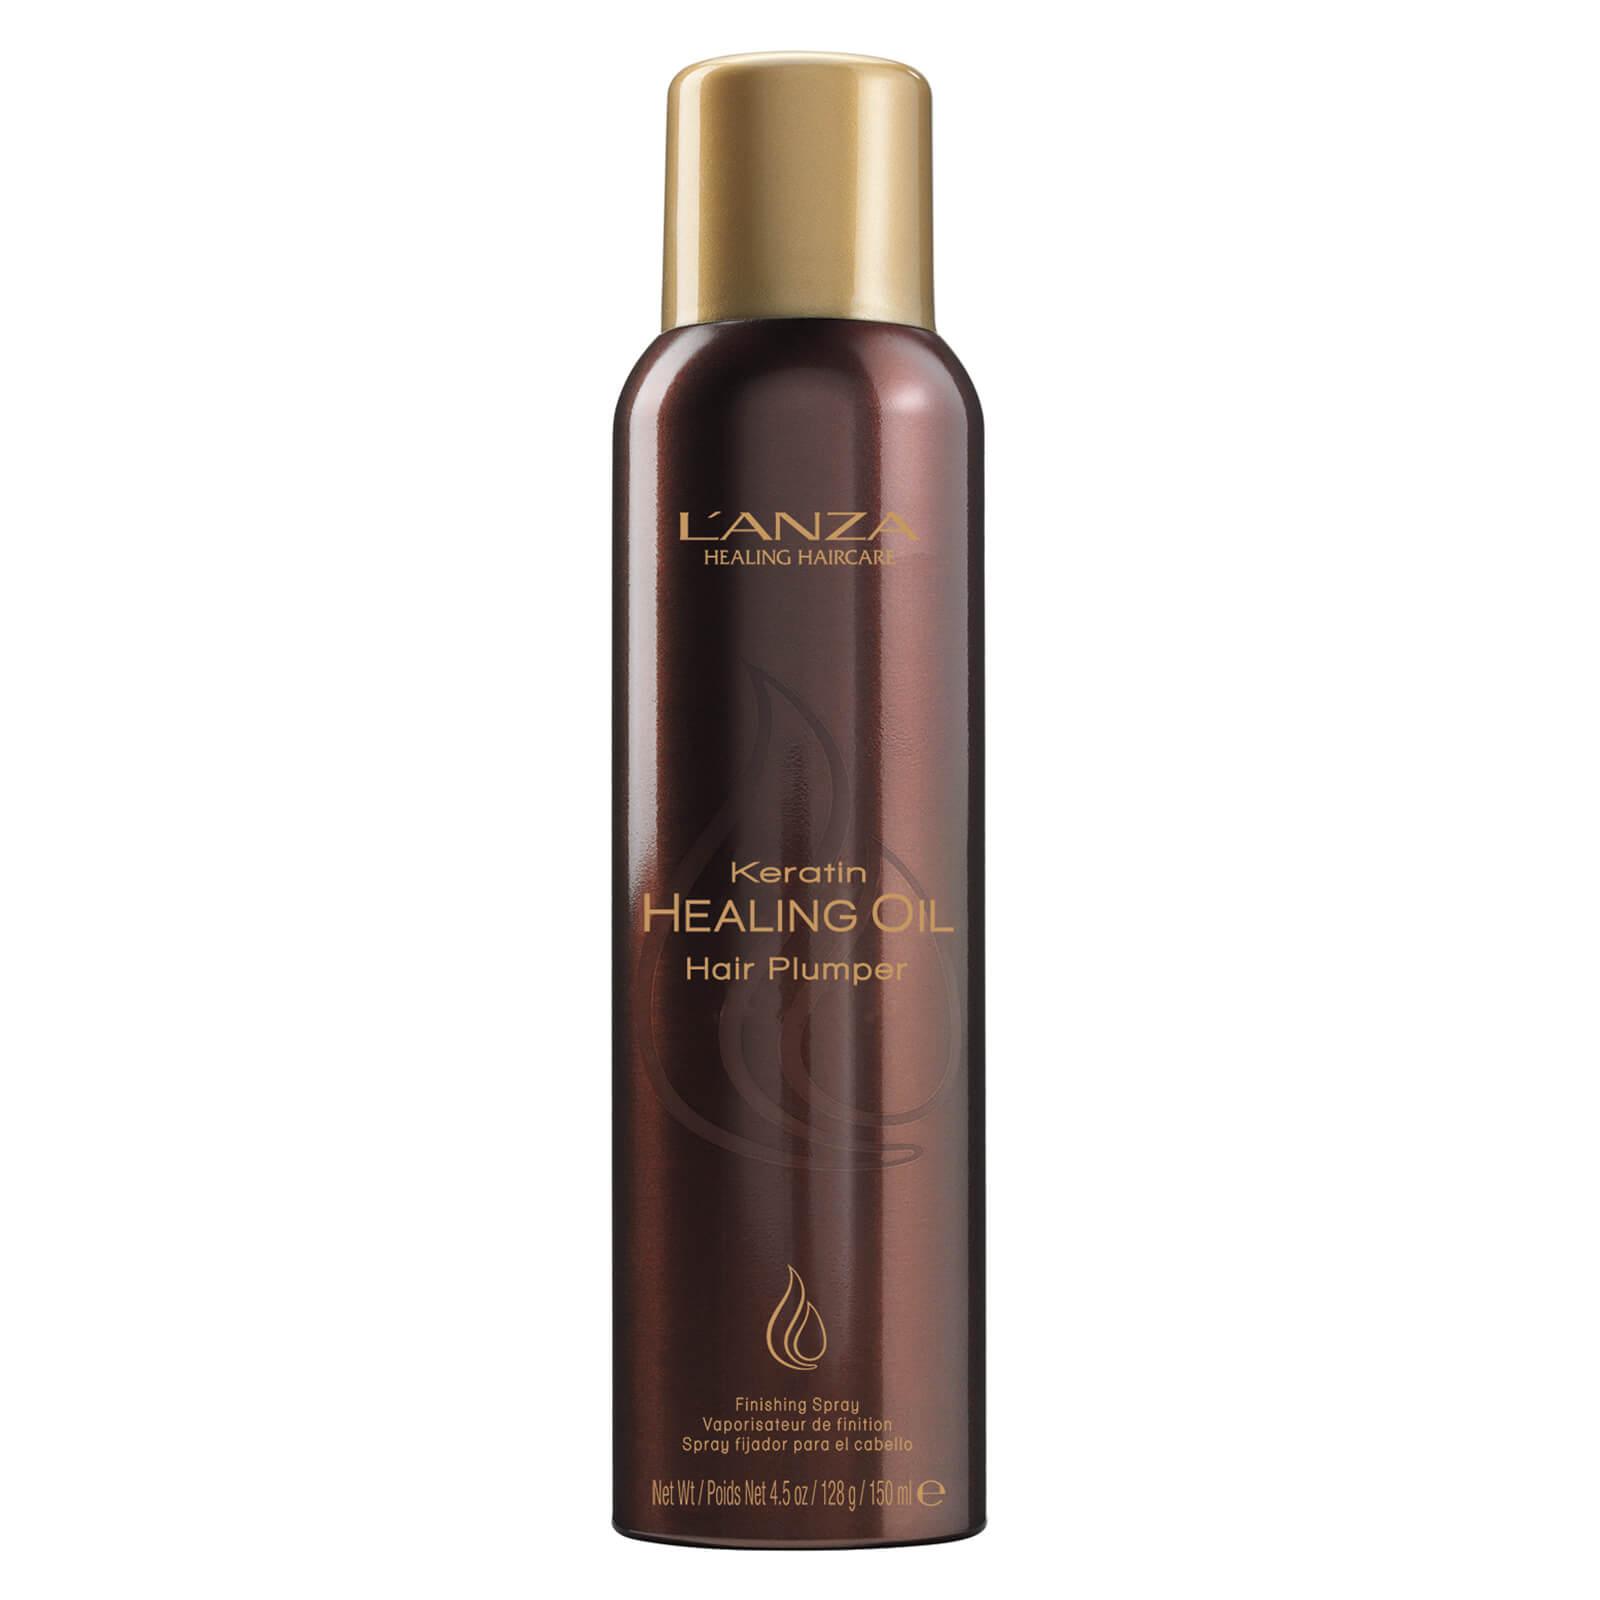 L'Anza Keratin Healing Oil Hair Plumper 150ml